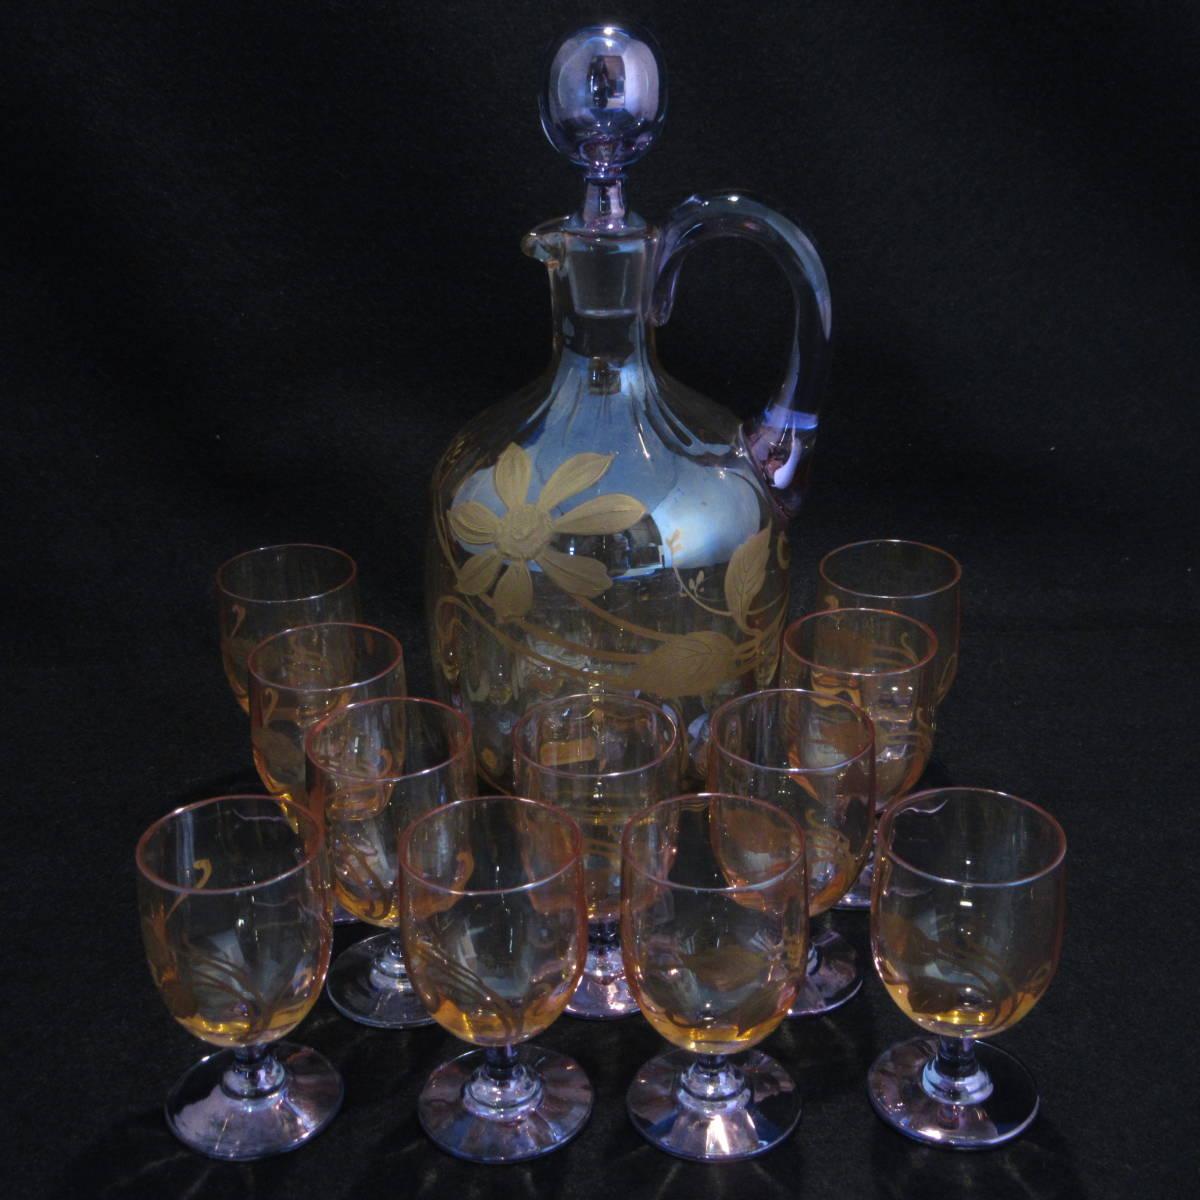 アンティークバカラ1890年頃 ラスター彩 グラス等 12点セット_画像1